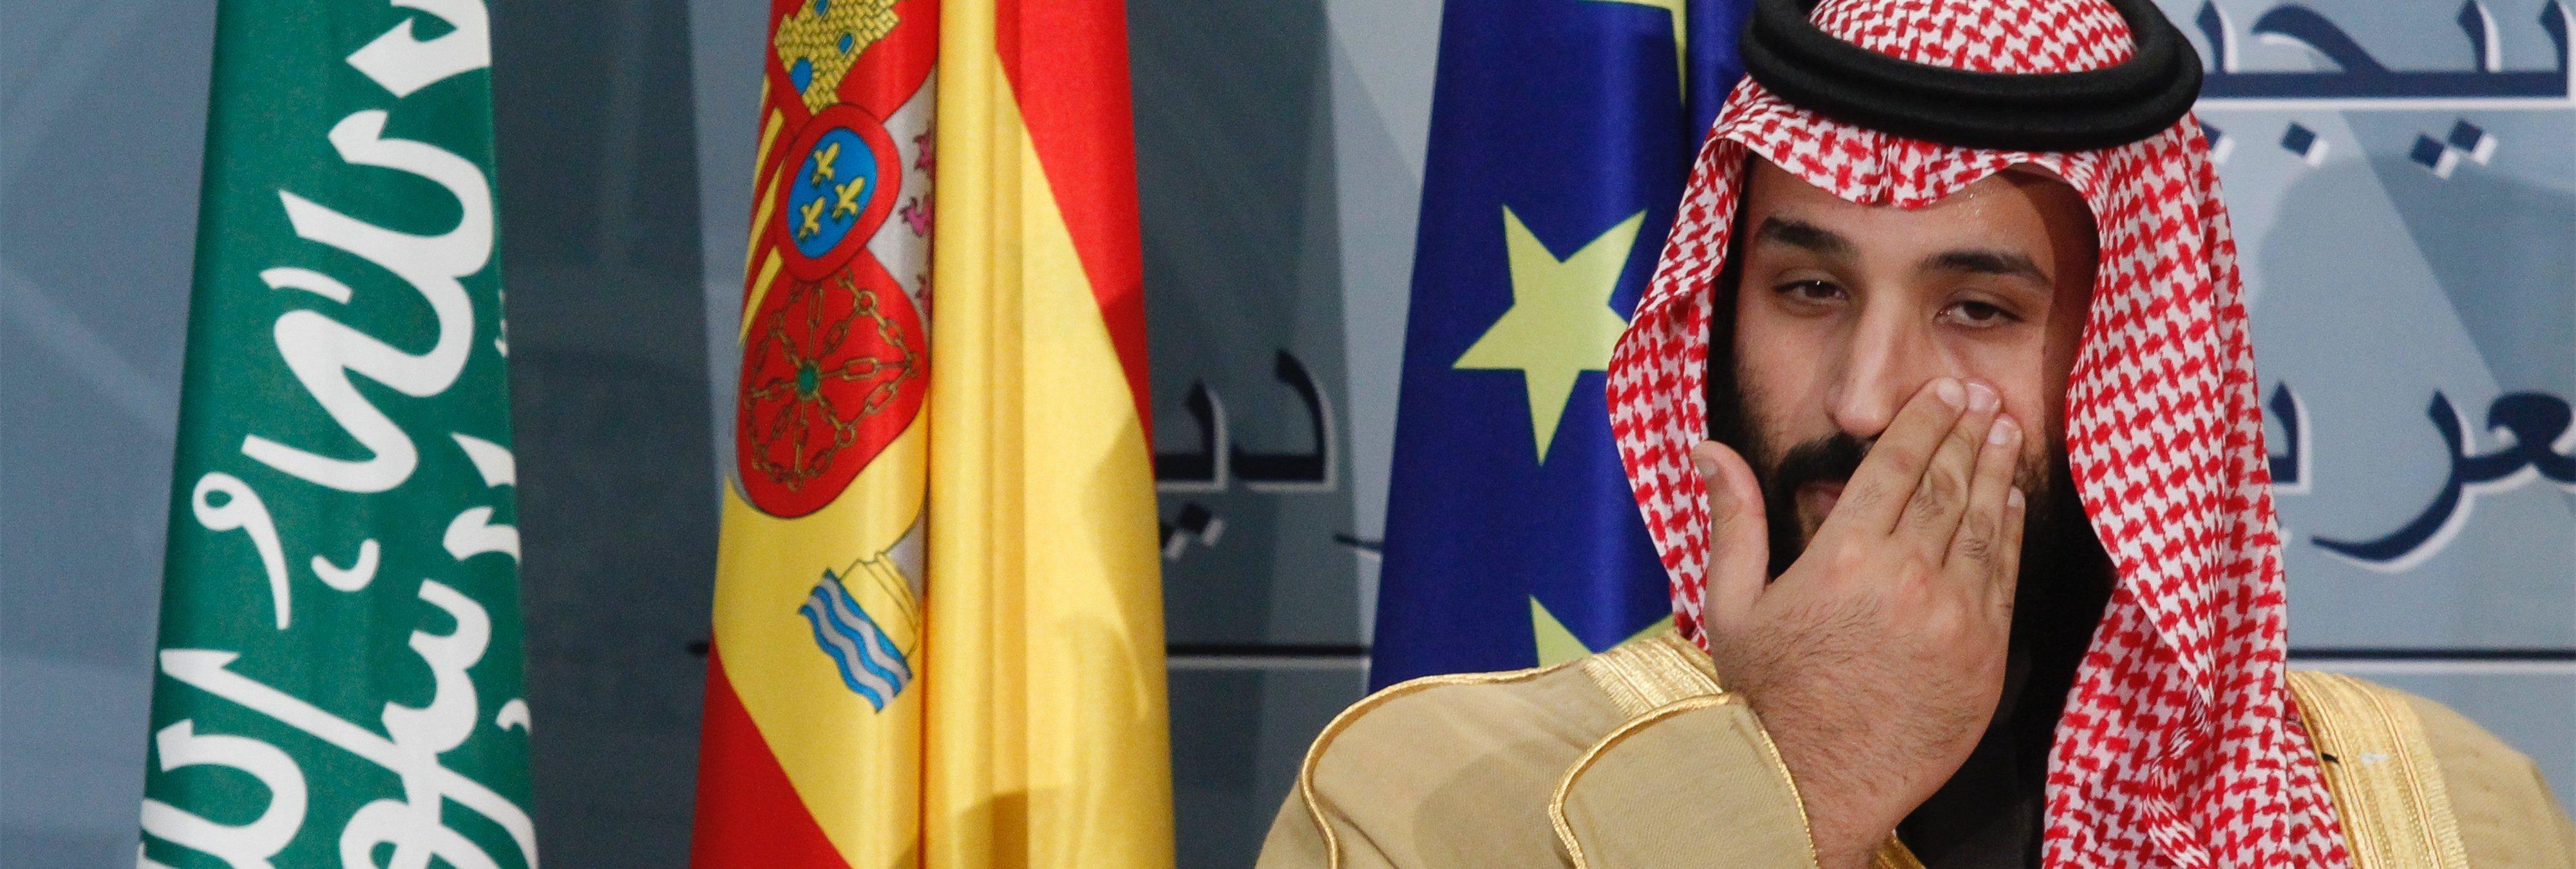 ¿Qué se esconde detrás del asesinato de Khashoggi?